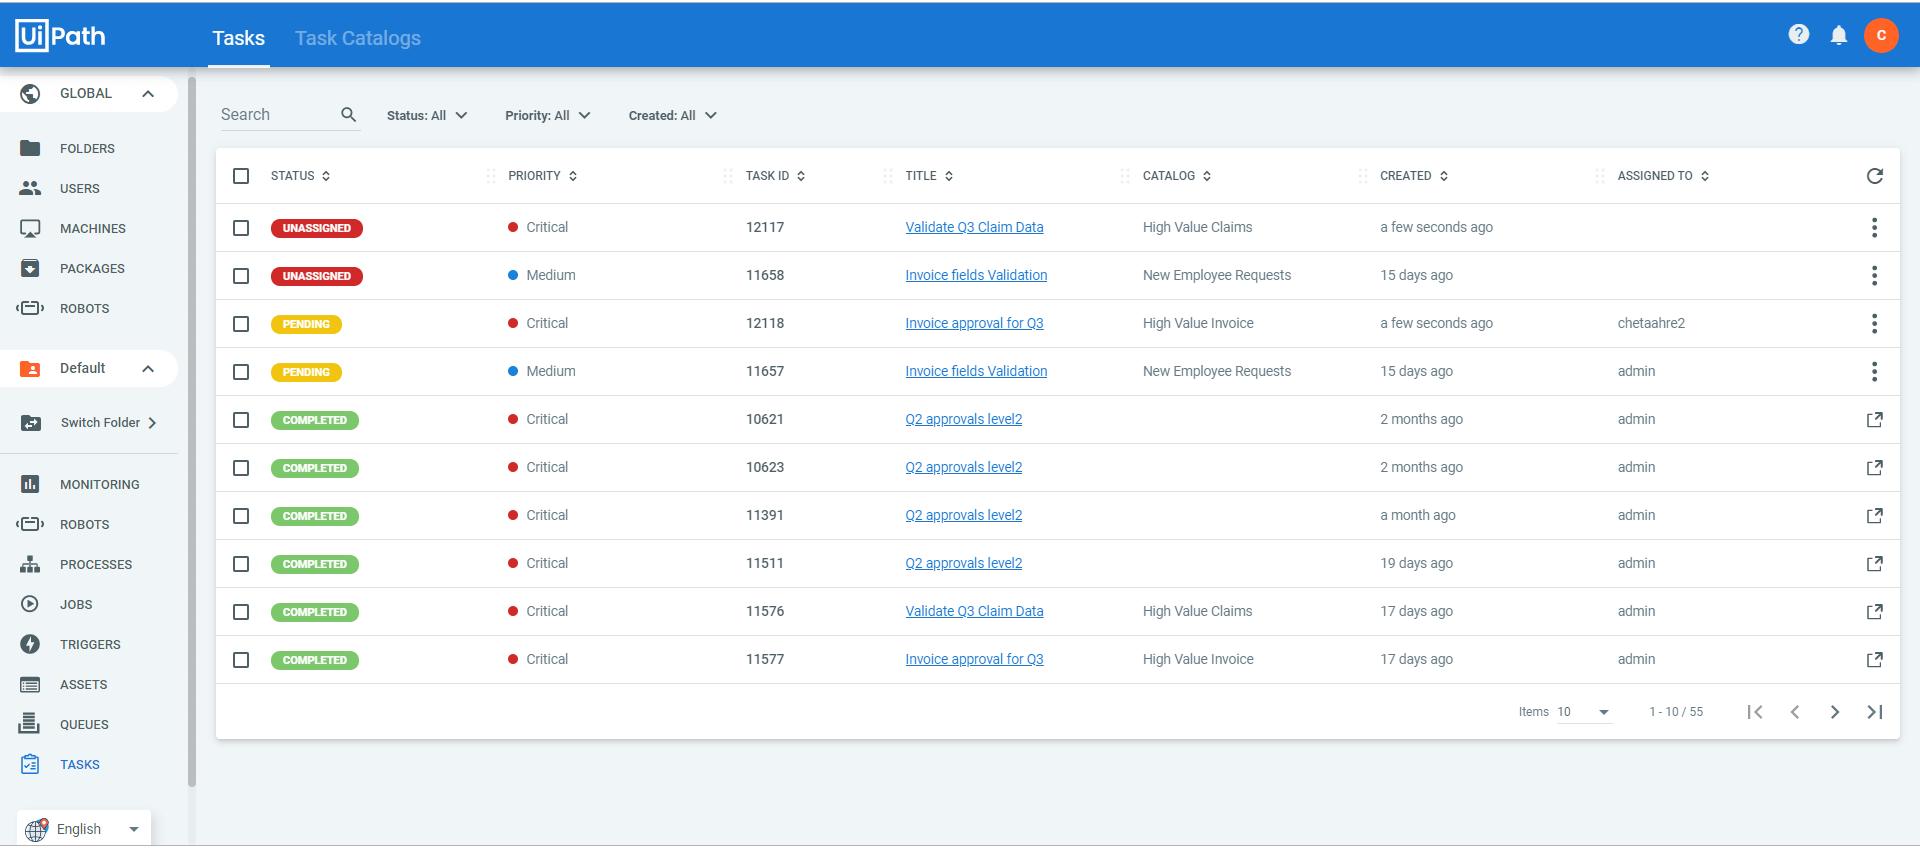 Tasks inbox uipath apps